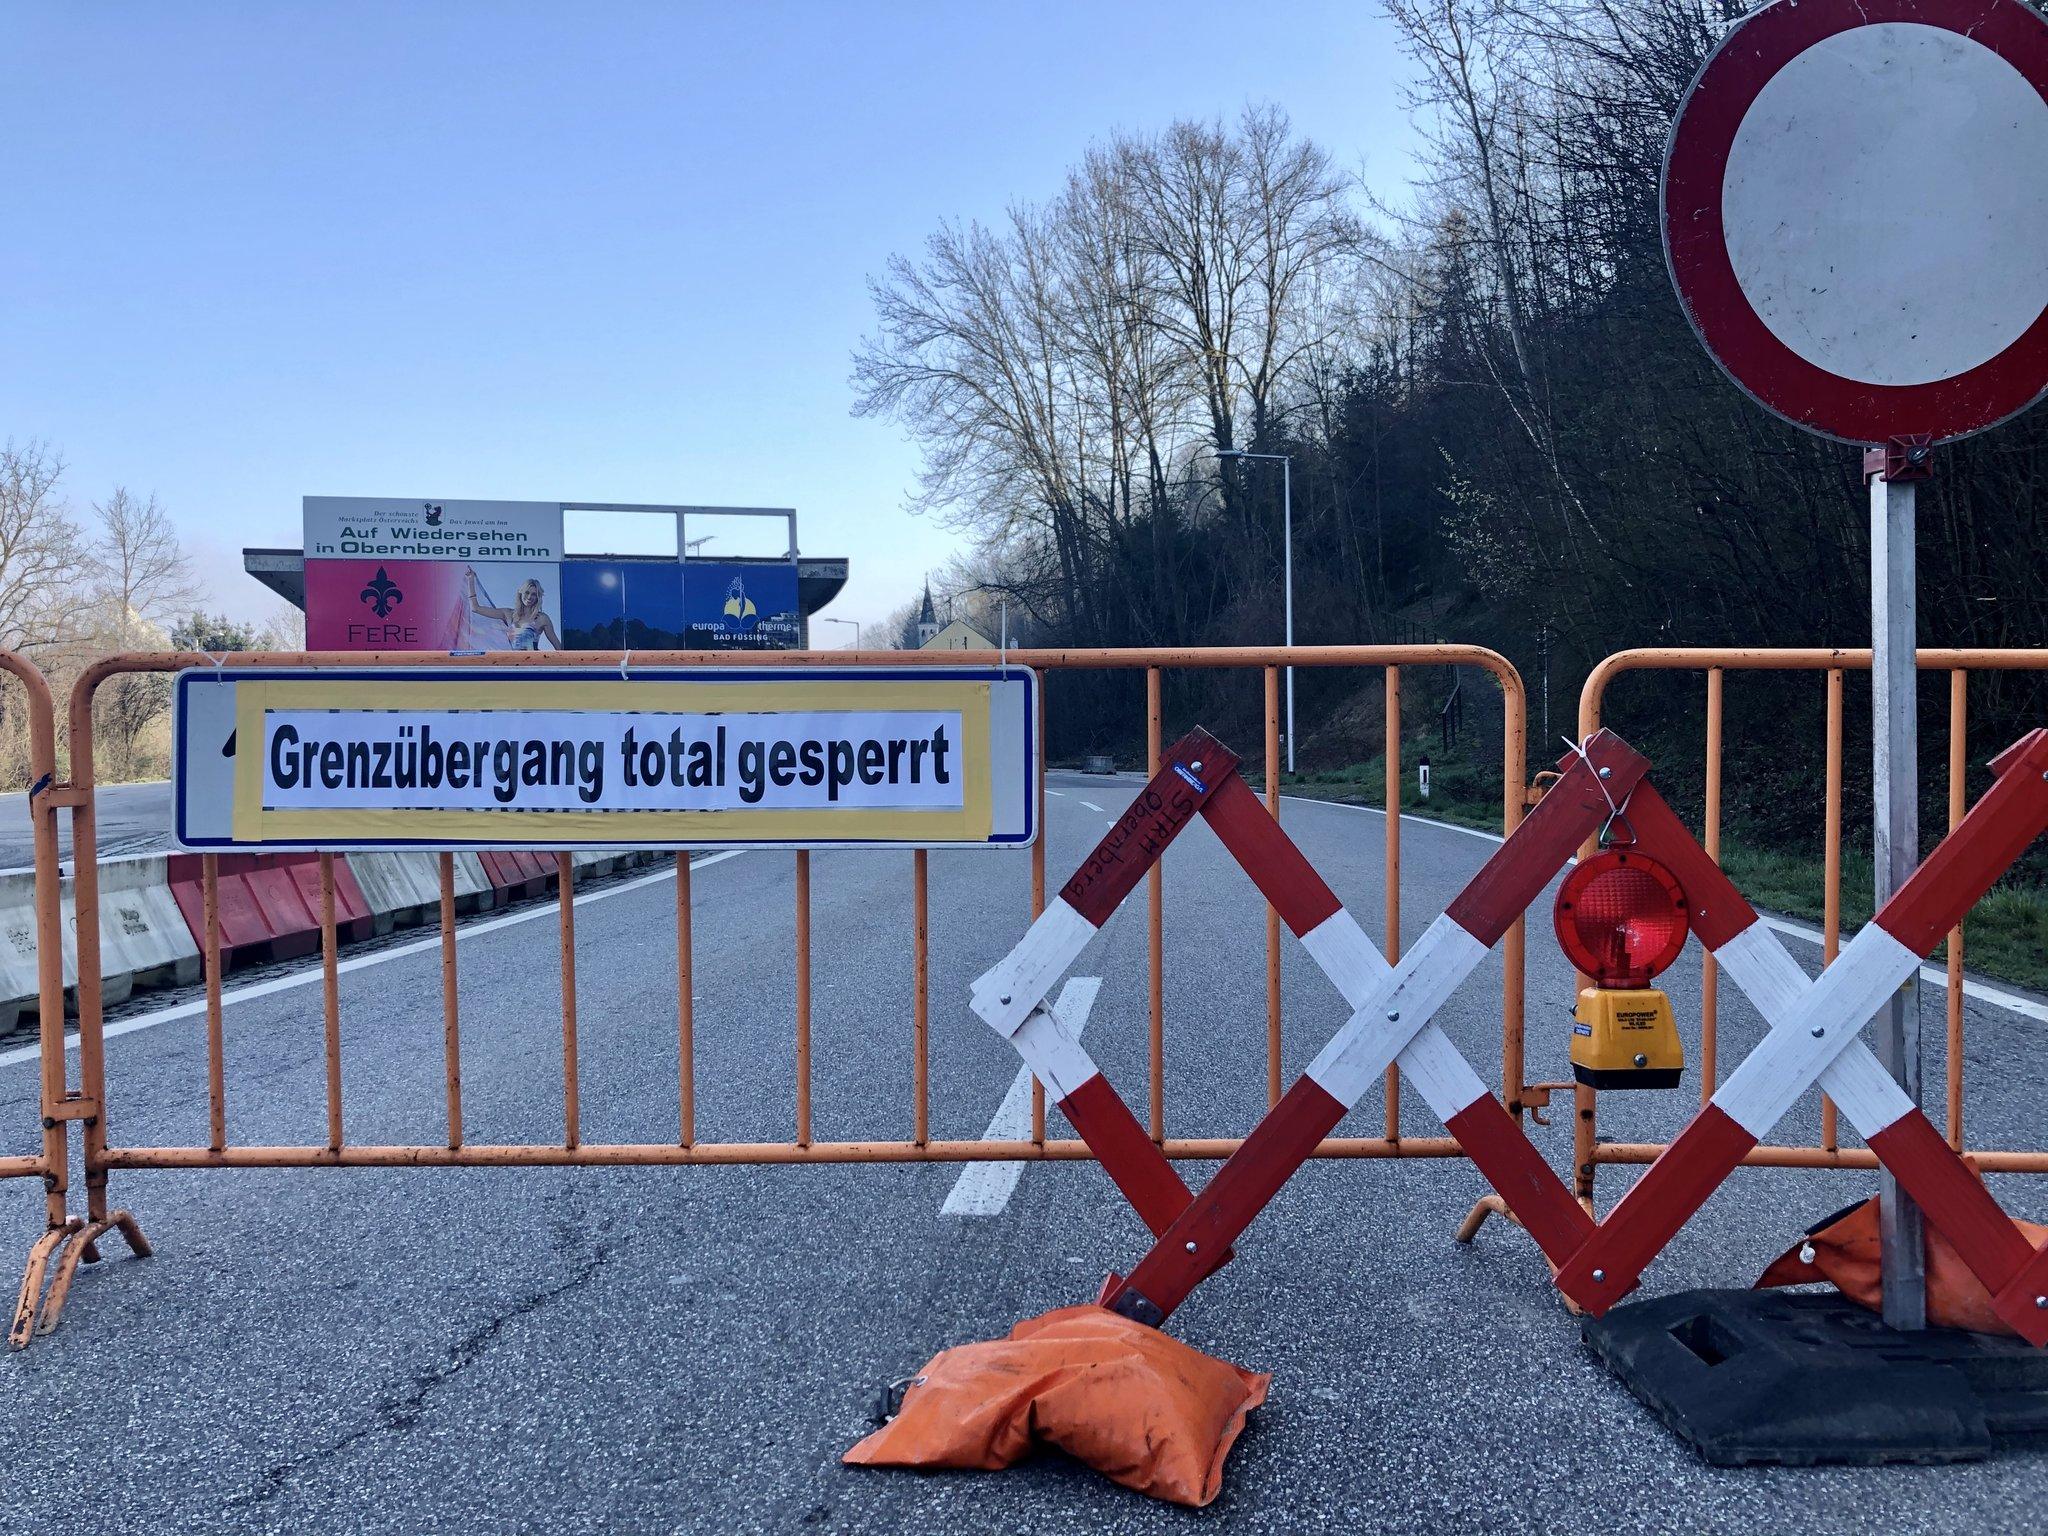 Samtpfötchen obernberg am inn österreich | Samtpfötchen at